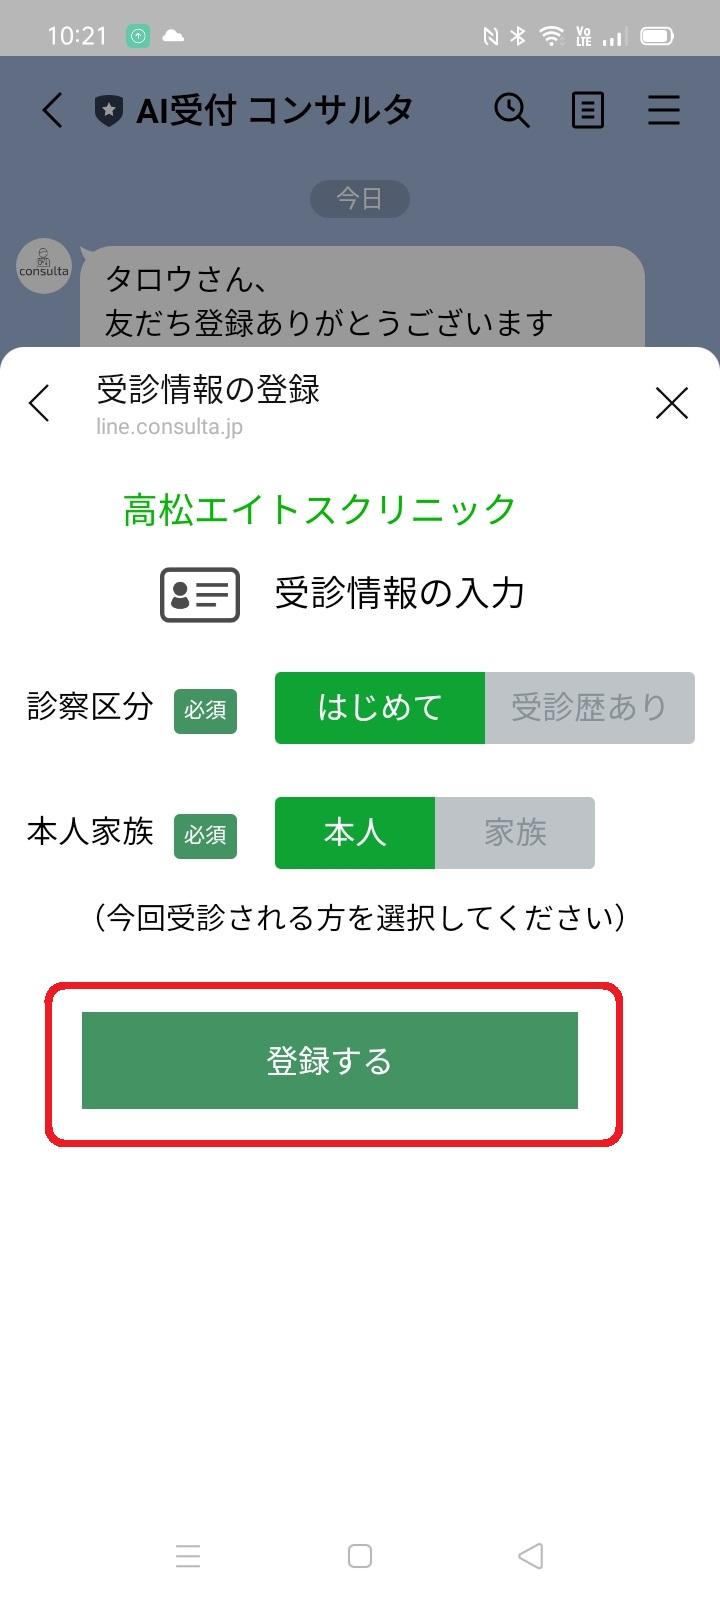 ユーザー登録 患者情報1